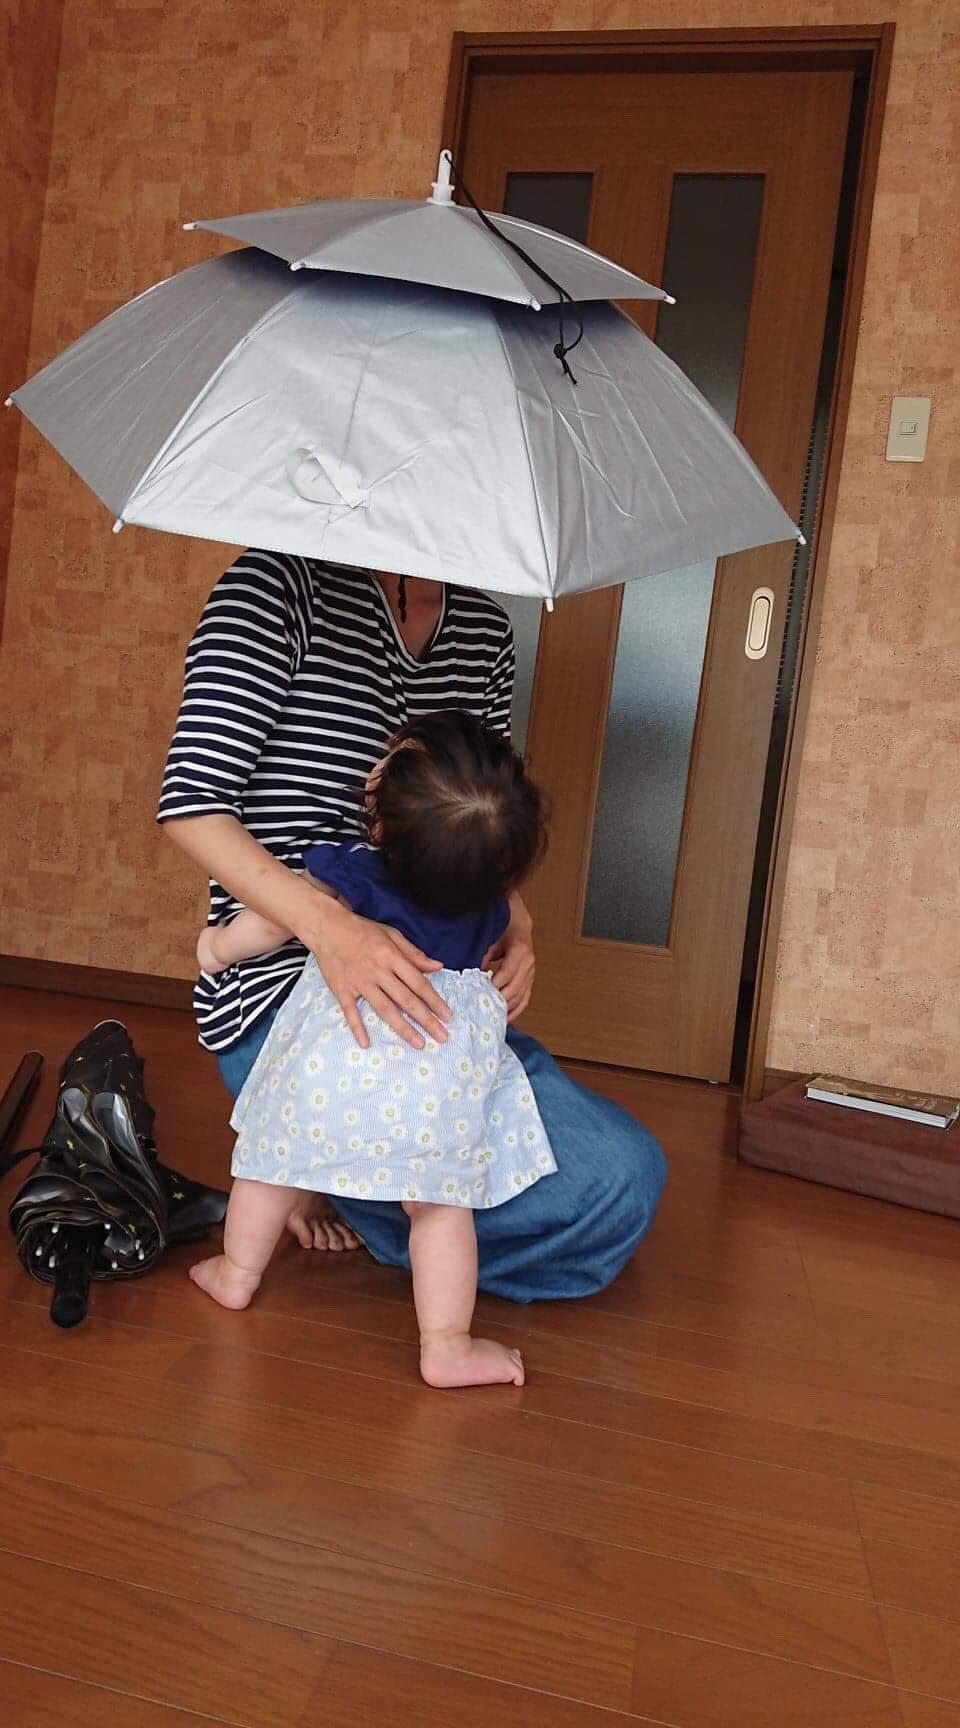 話題のかぶる傘を中国の通販で650円で買った。 ベビーカー押しながら日傘ささなくていい!両手空いて超快適!令和イチの買い物だった。 ただ問題がひとつあって、みんな口を揃えて「一緒に歩きたくない」と言う。悲しい